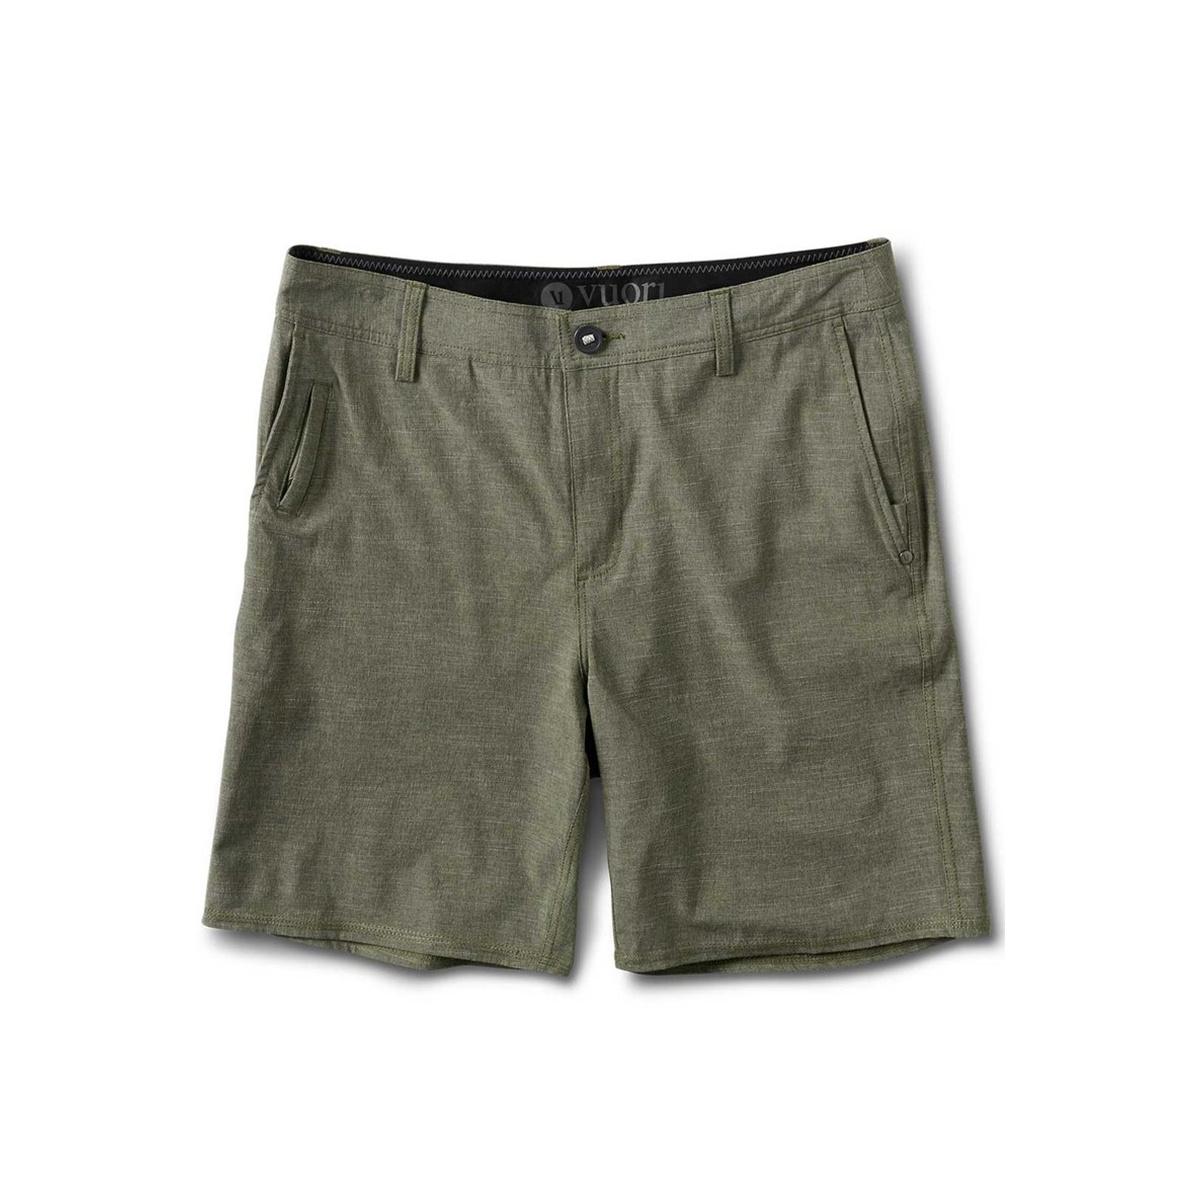 Vuori Men's Maldive Short